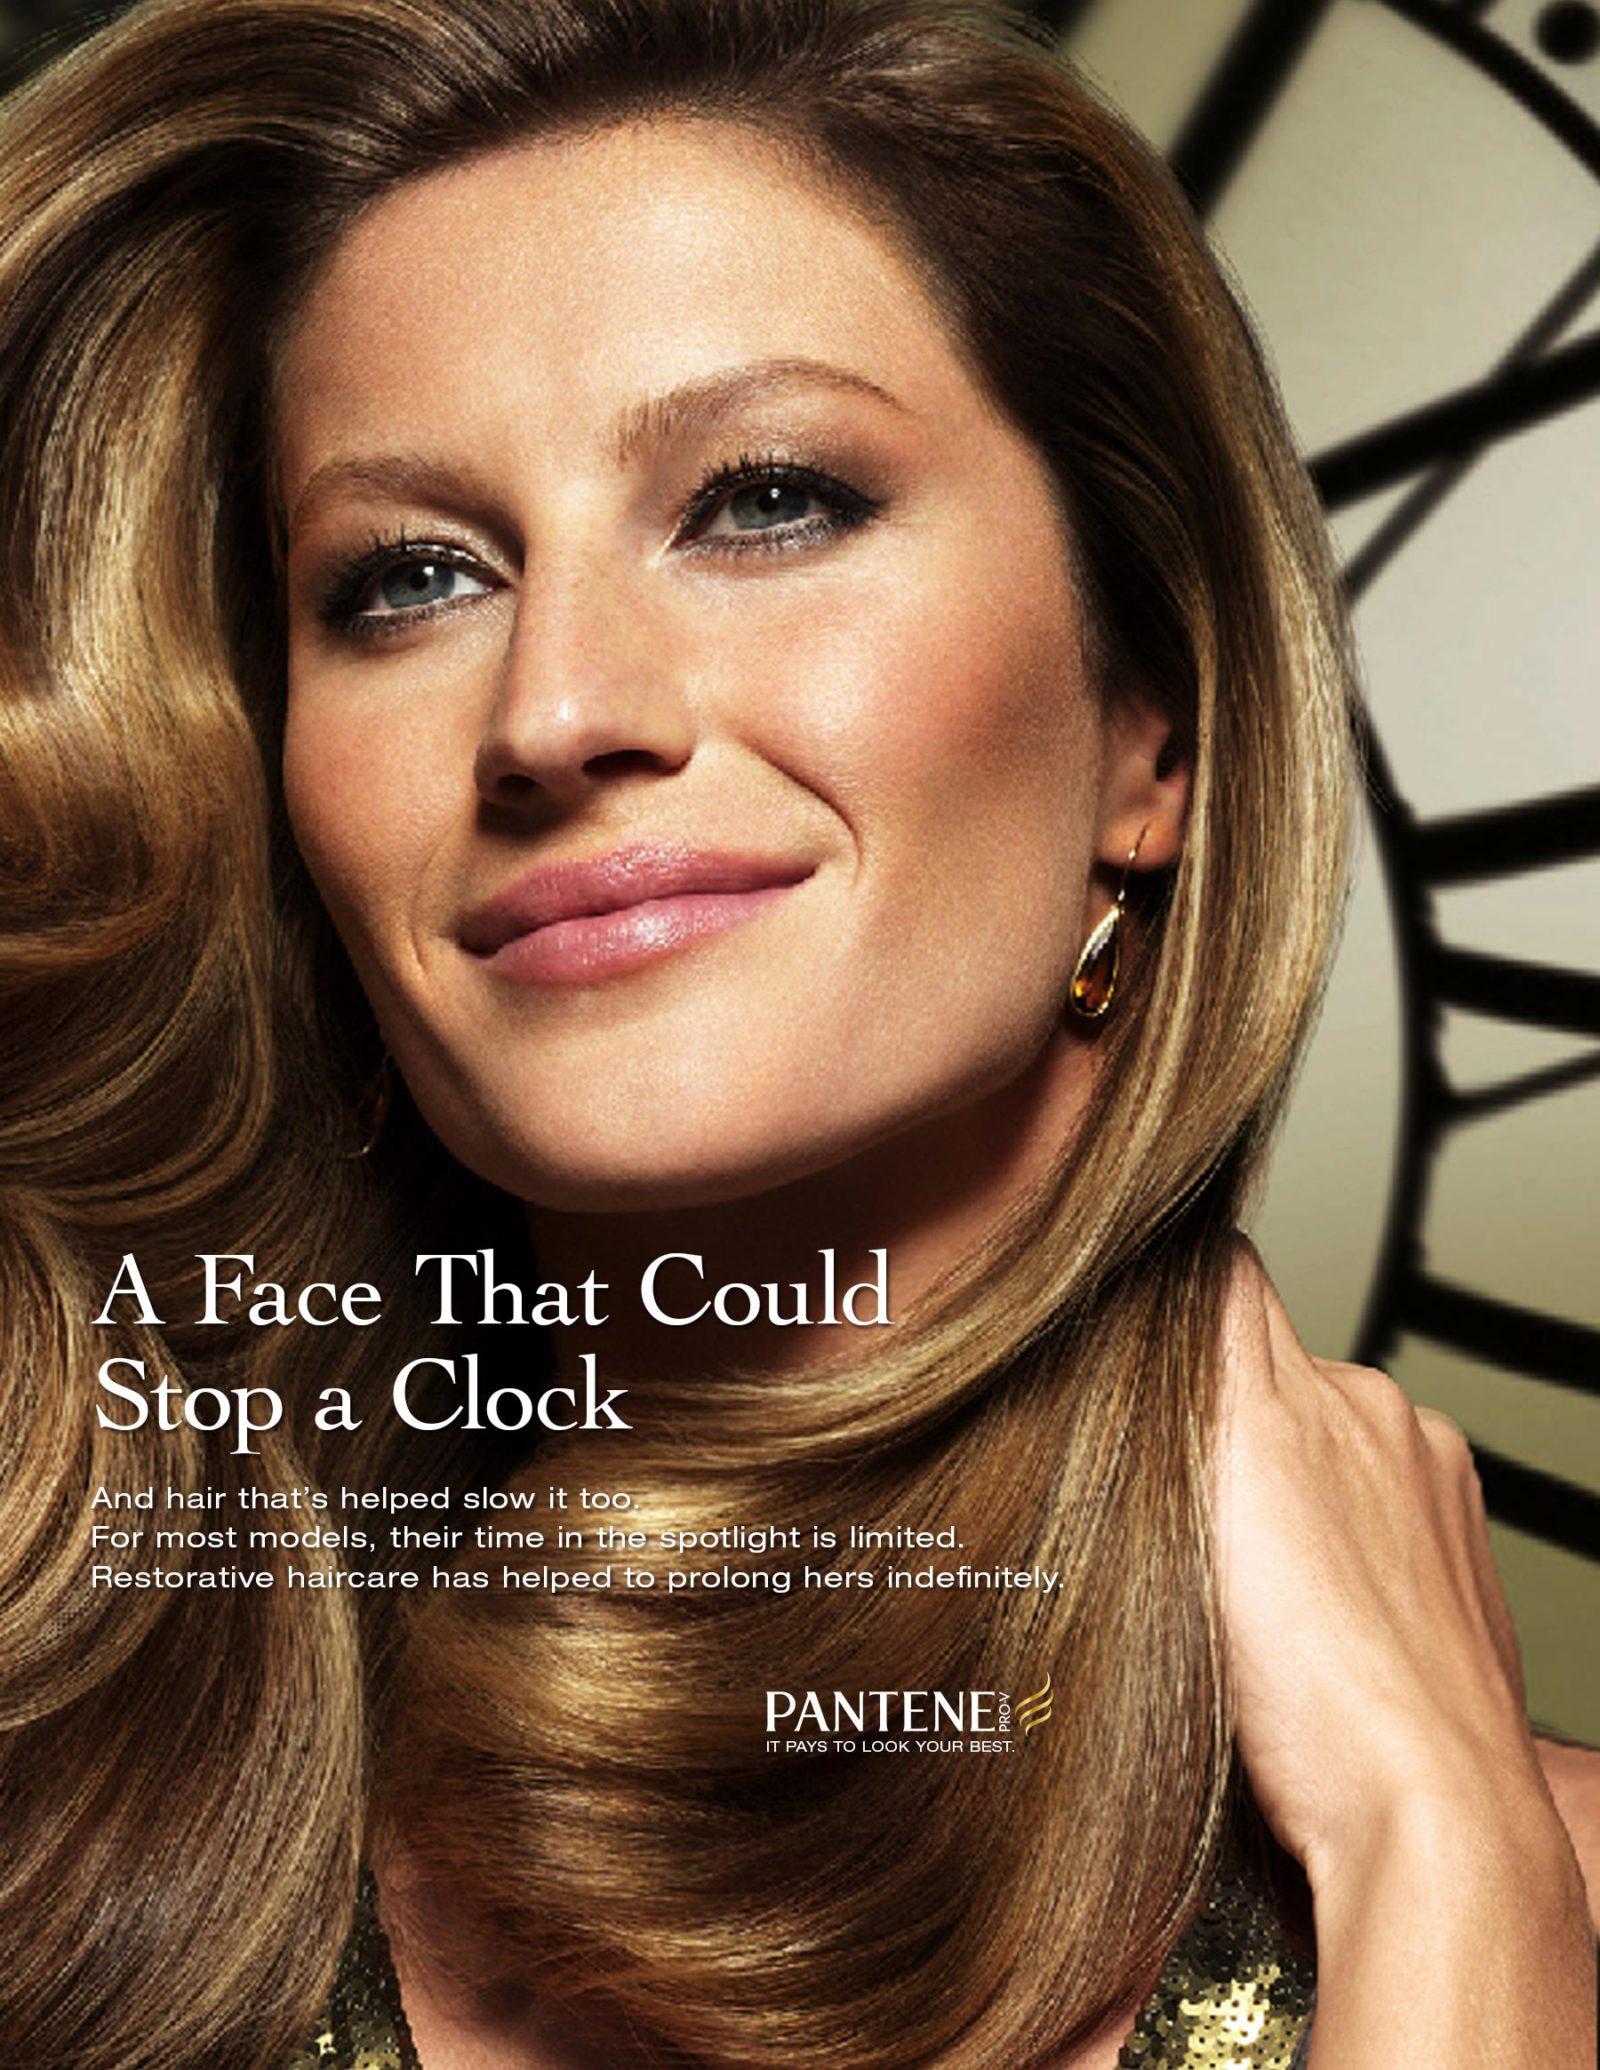 Pantene-Clock-Face-layout